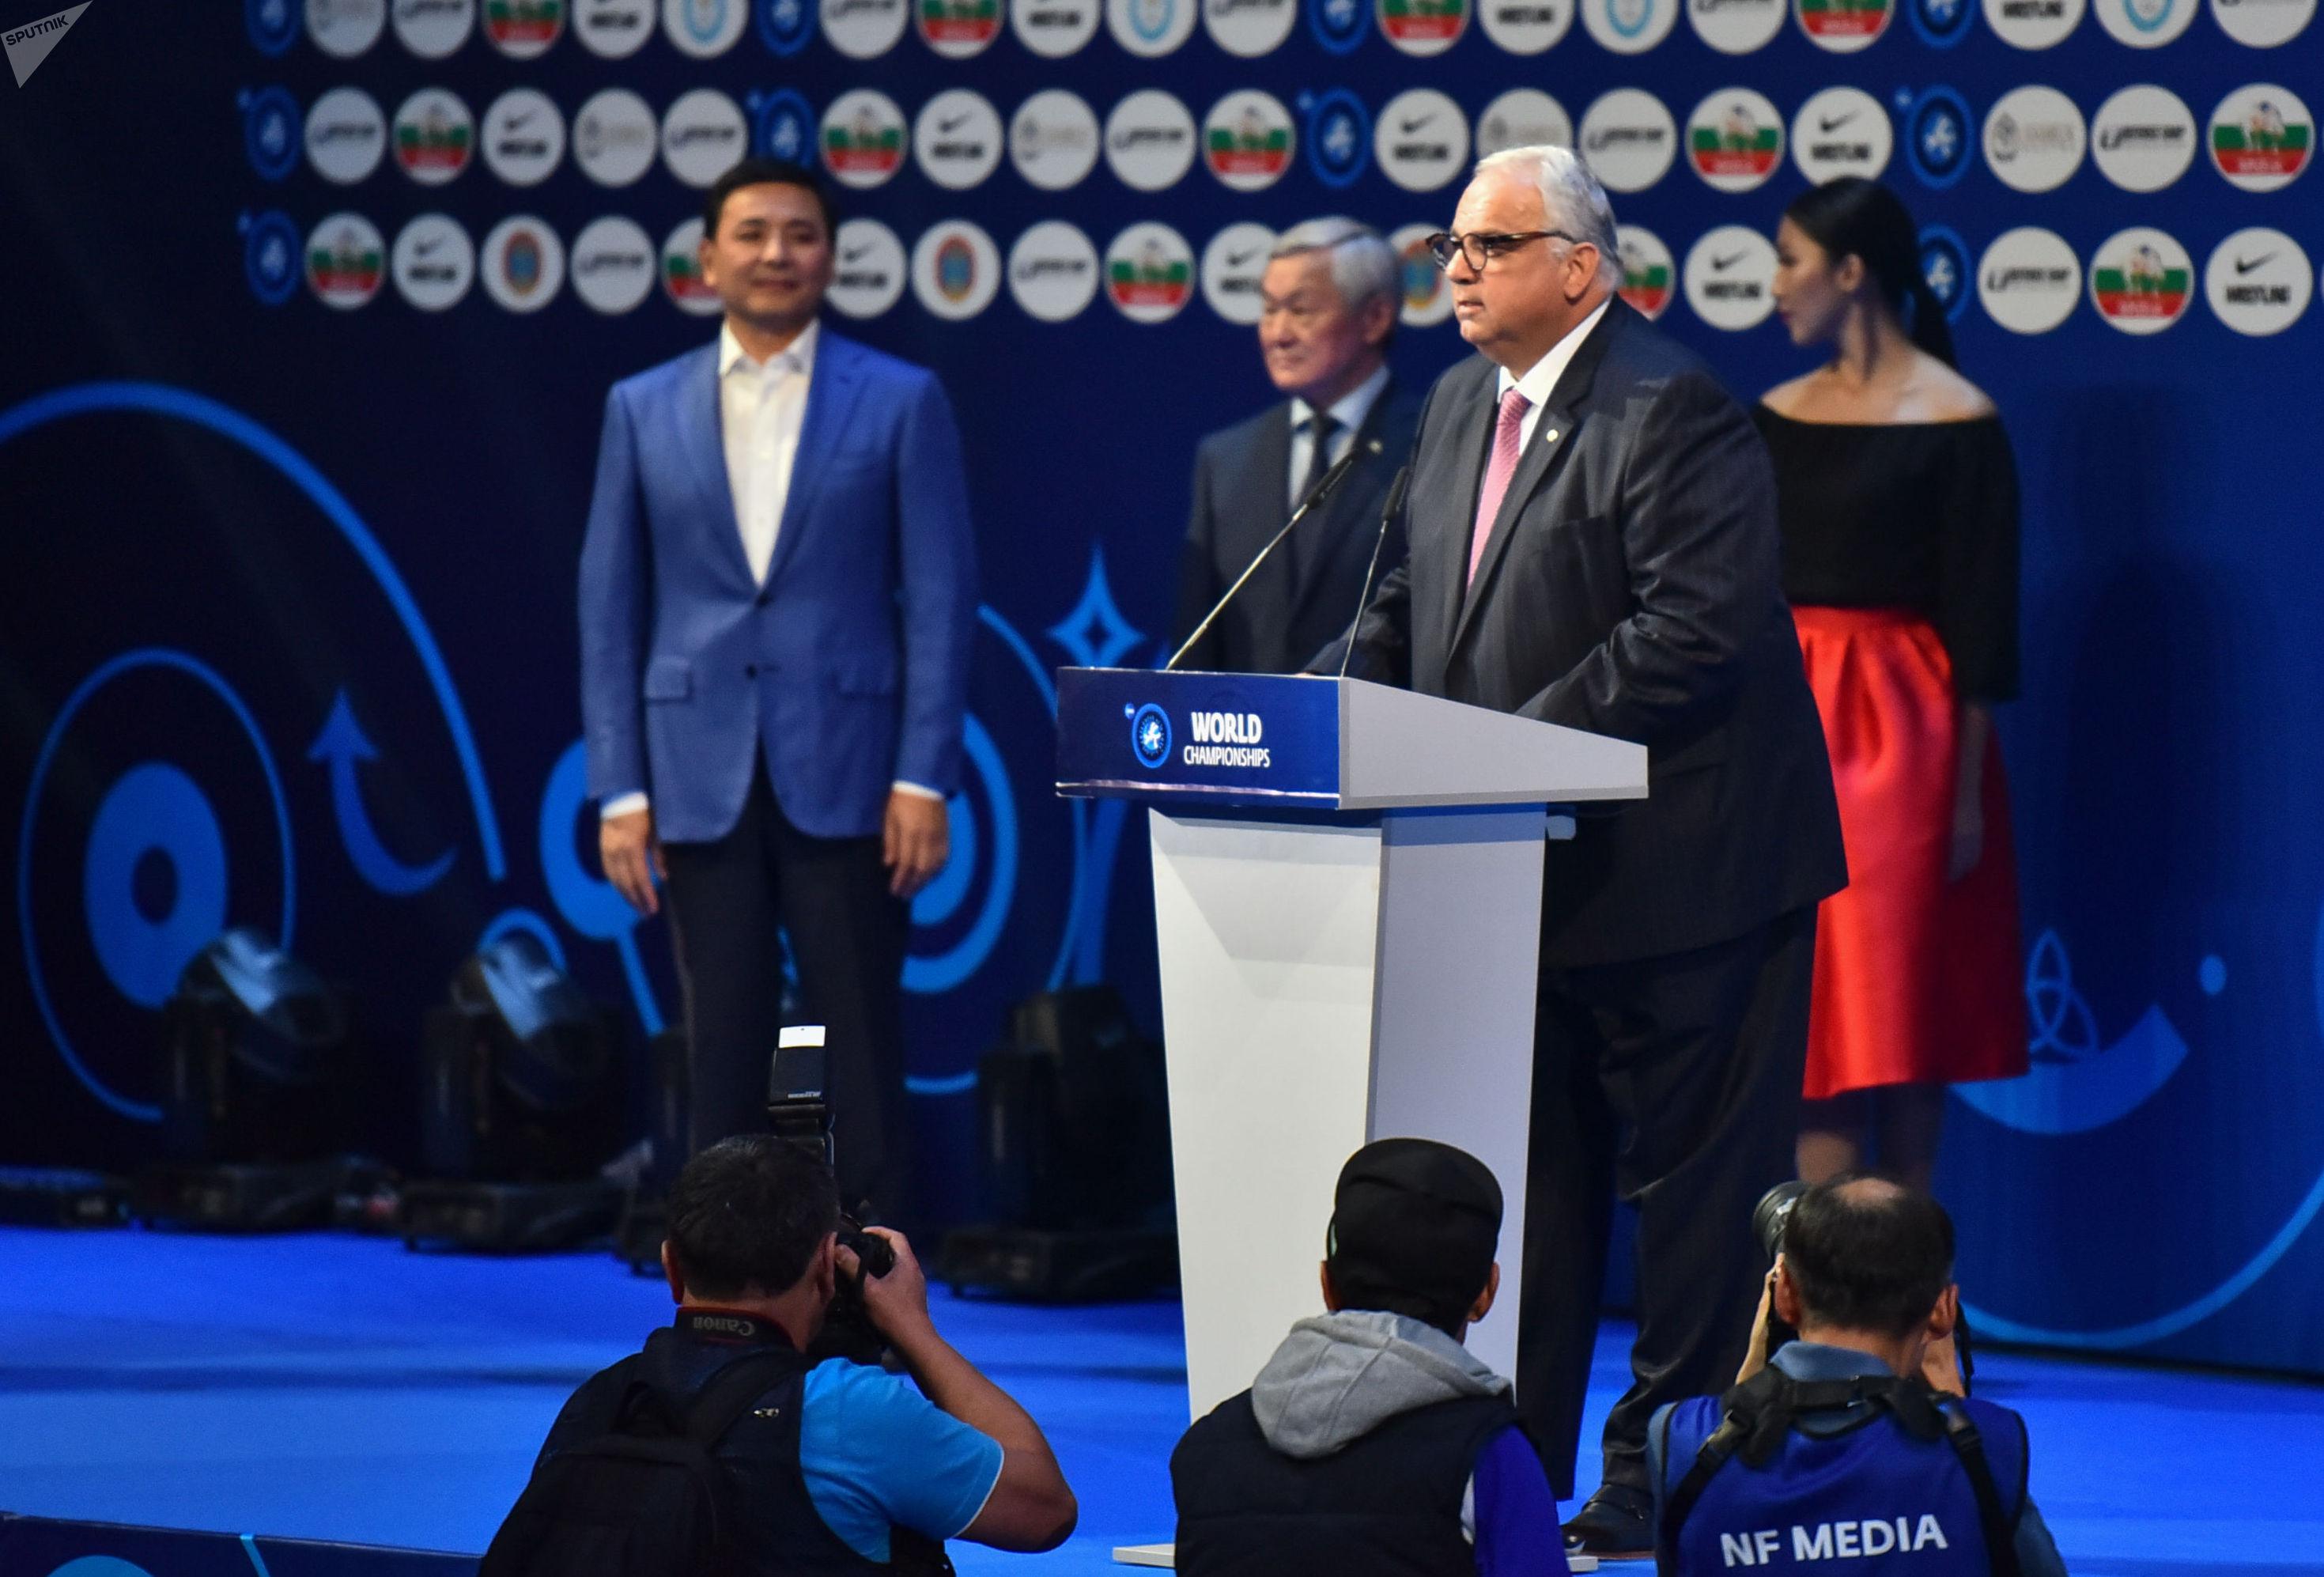 ЧМ по борьбе официально открыл президент Объединенной организации борьбы (UWW) Ненад Лалович